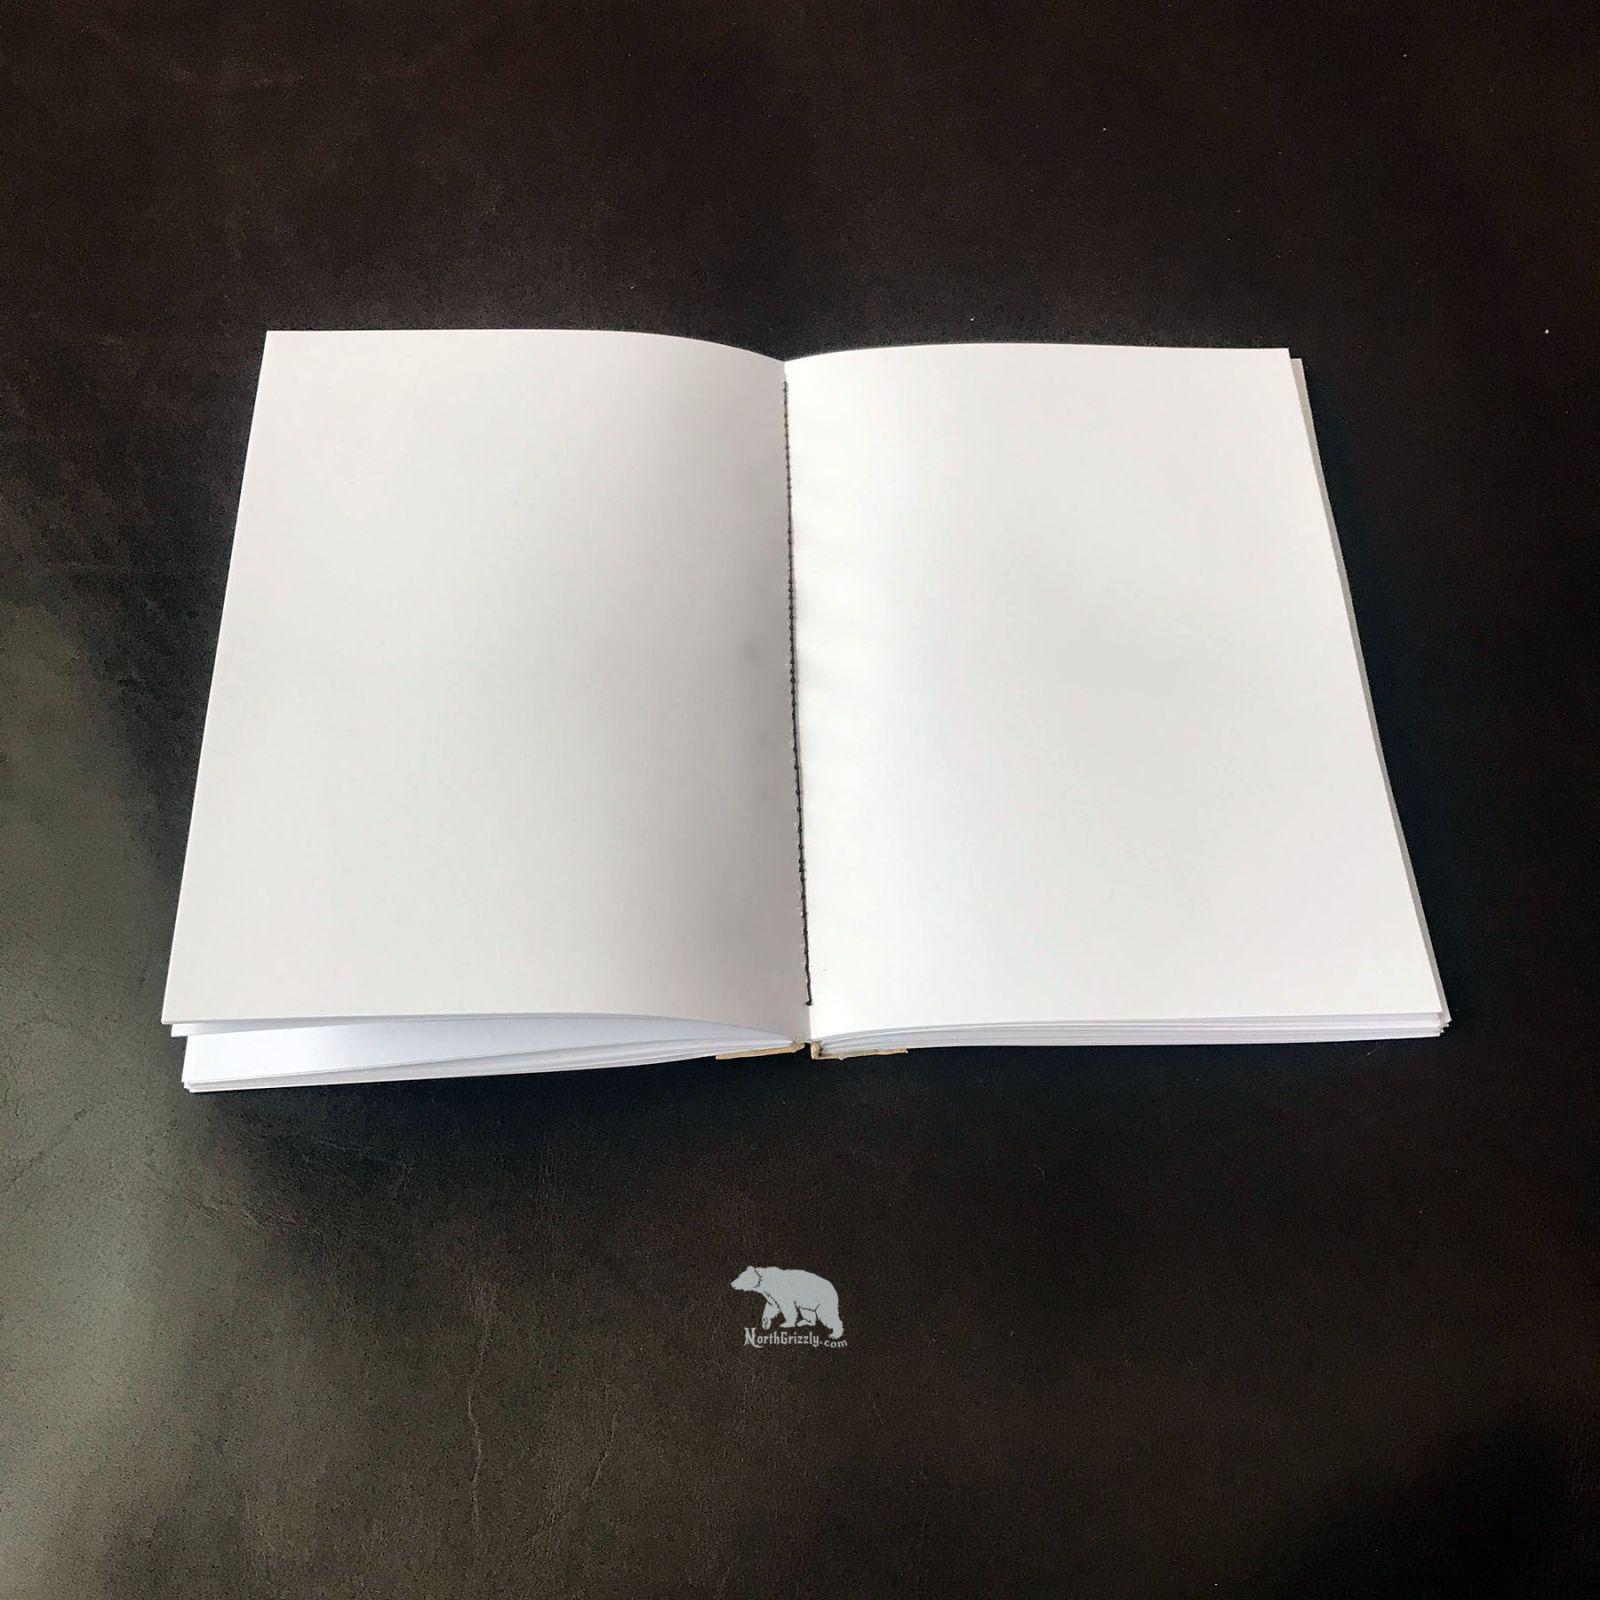 rankomis rista popieriaus knyga uzrasine dienorastis darbo knyga balti lapai ranku darbo dovanos vyrams 2526 copy